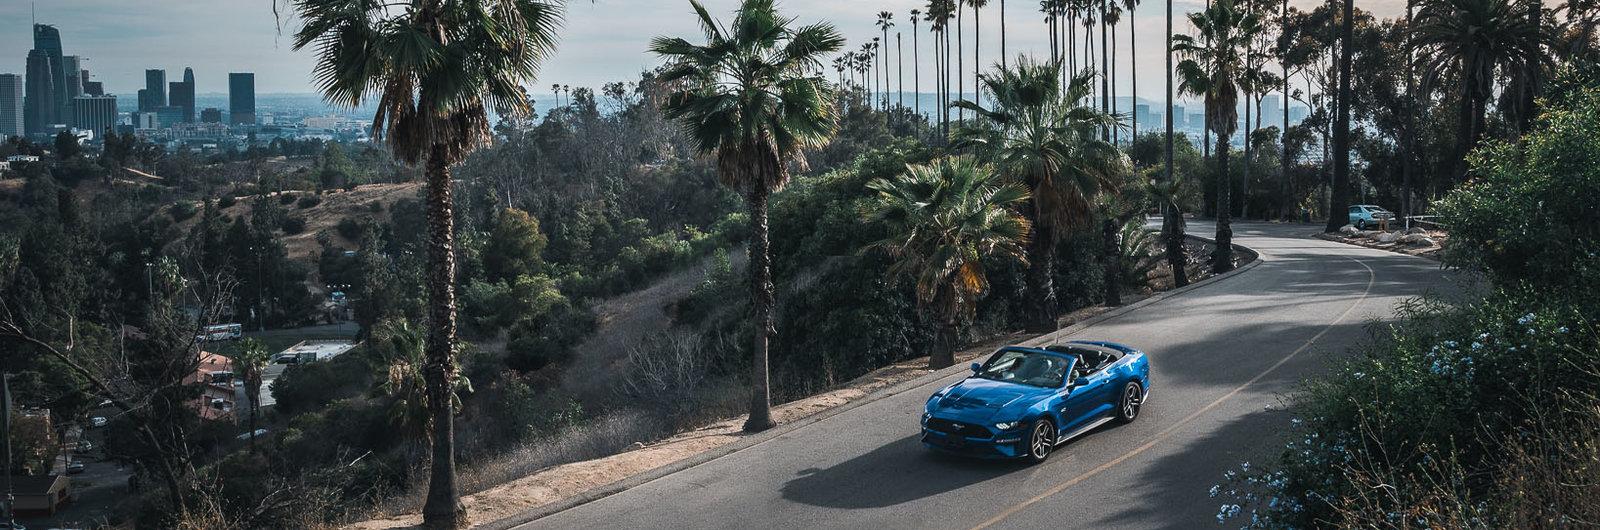 Los Angeles Car Rental Cheap Deals Sixt